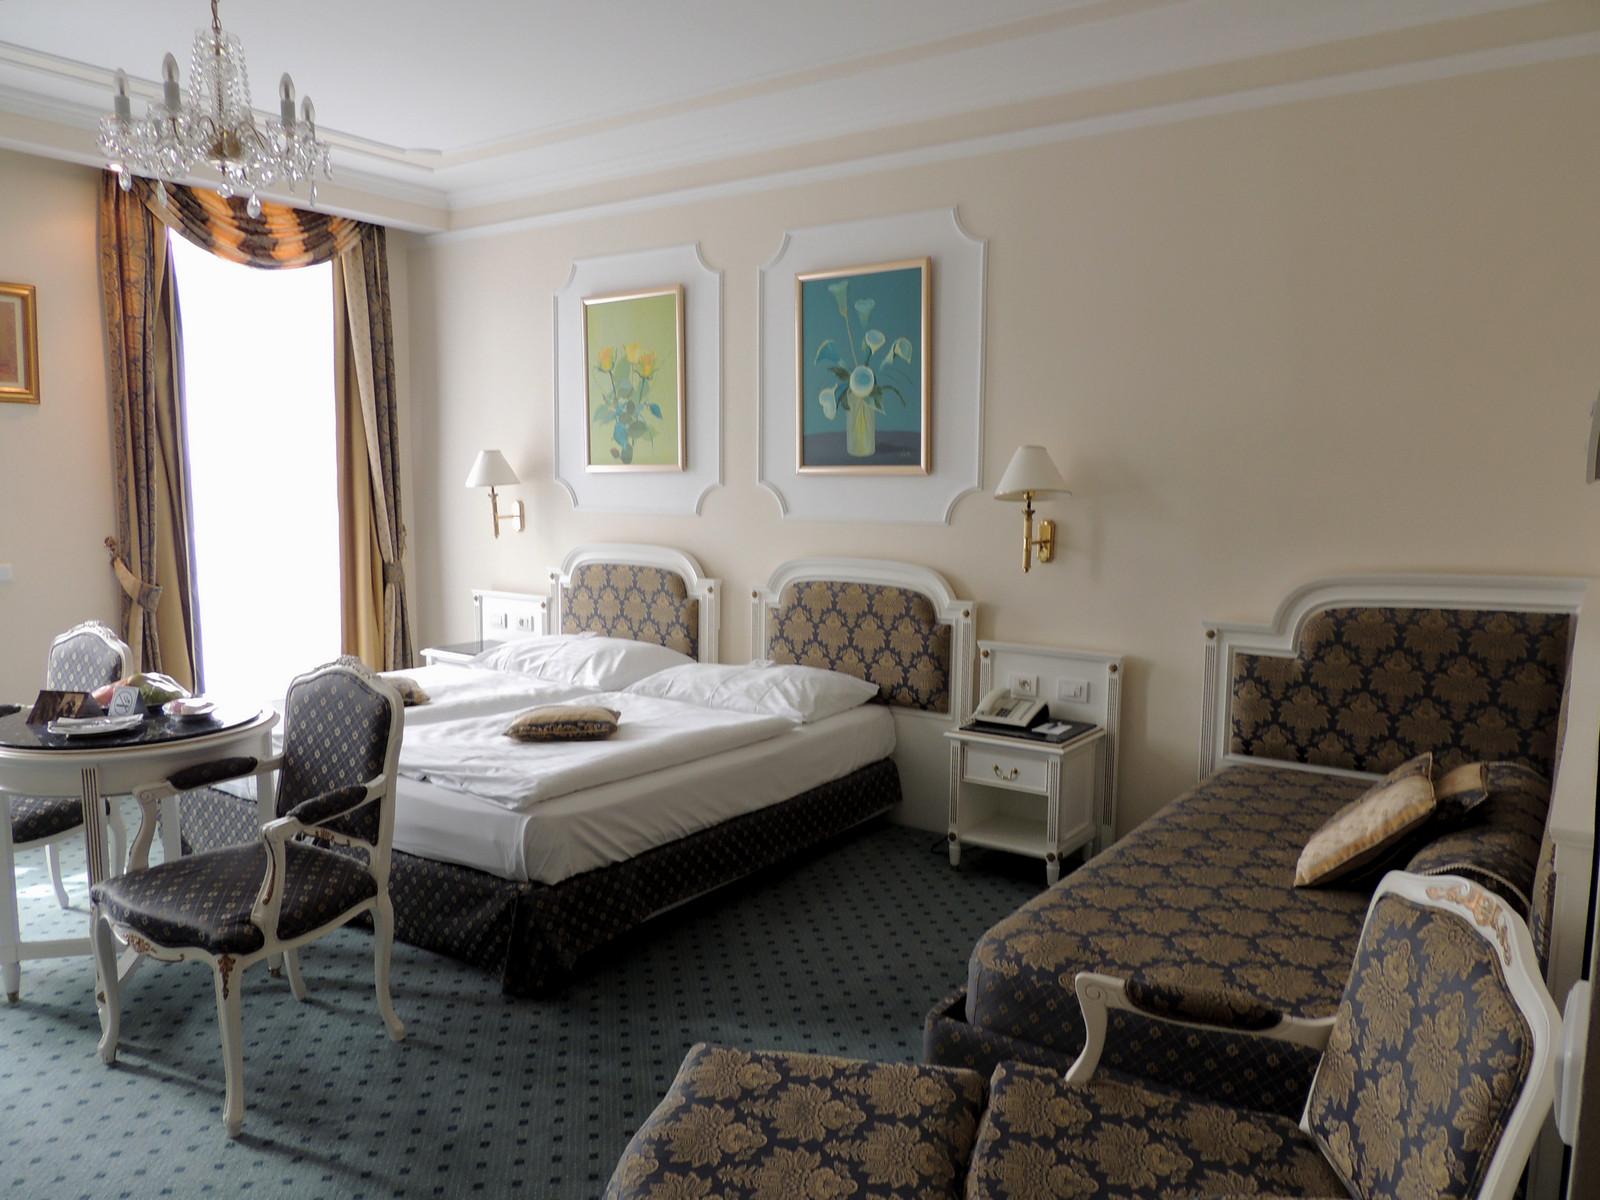 Unser Zimmer im Hotel Esplanade in Marienbad